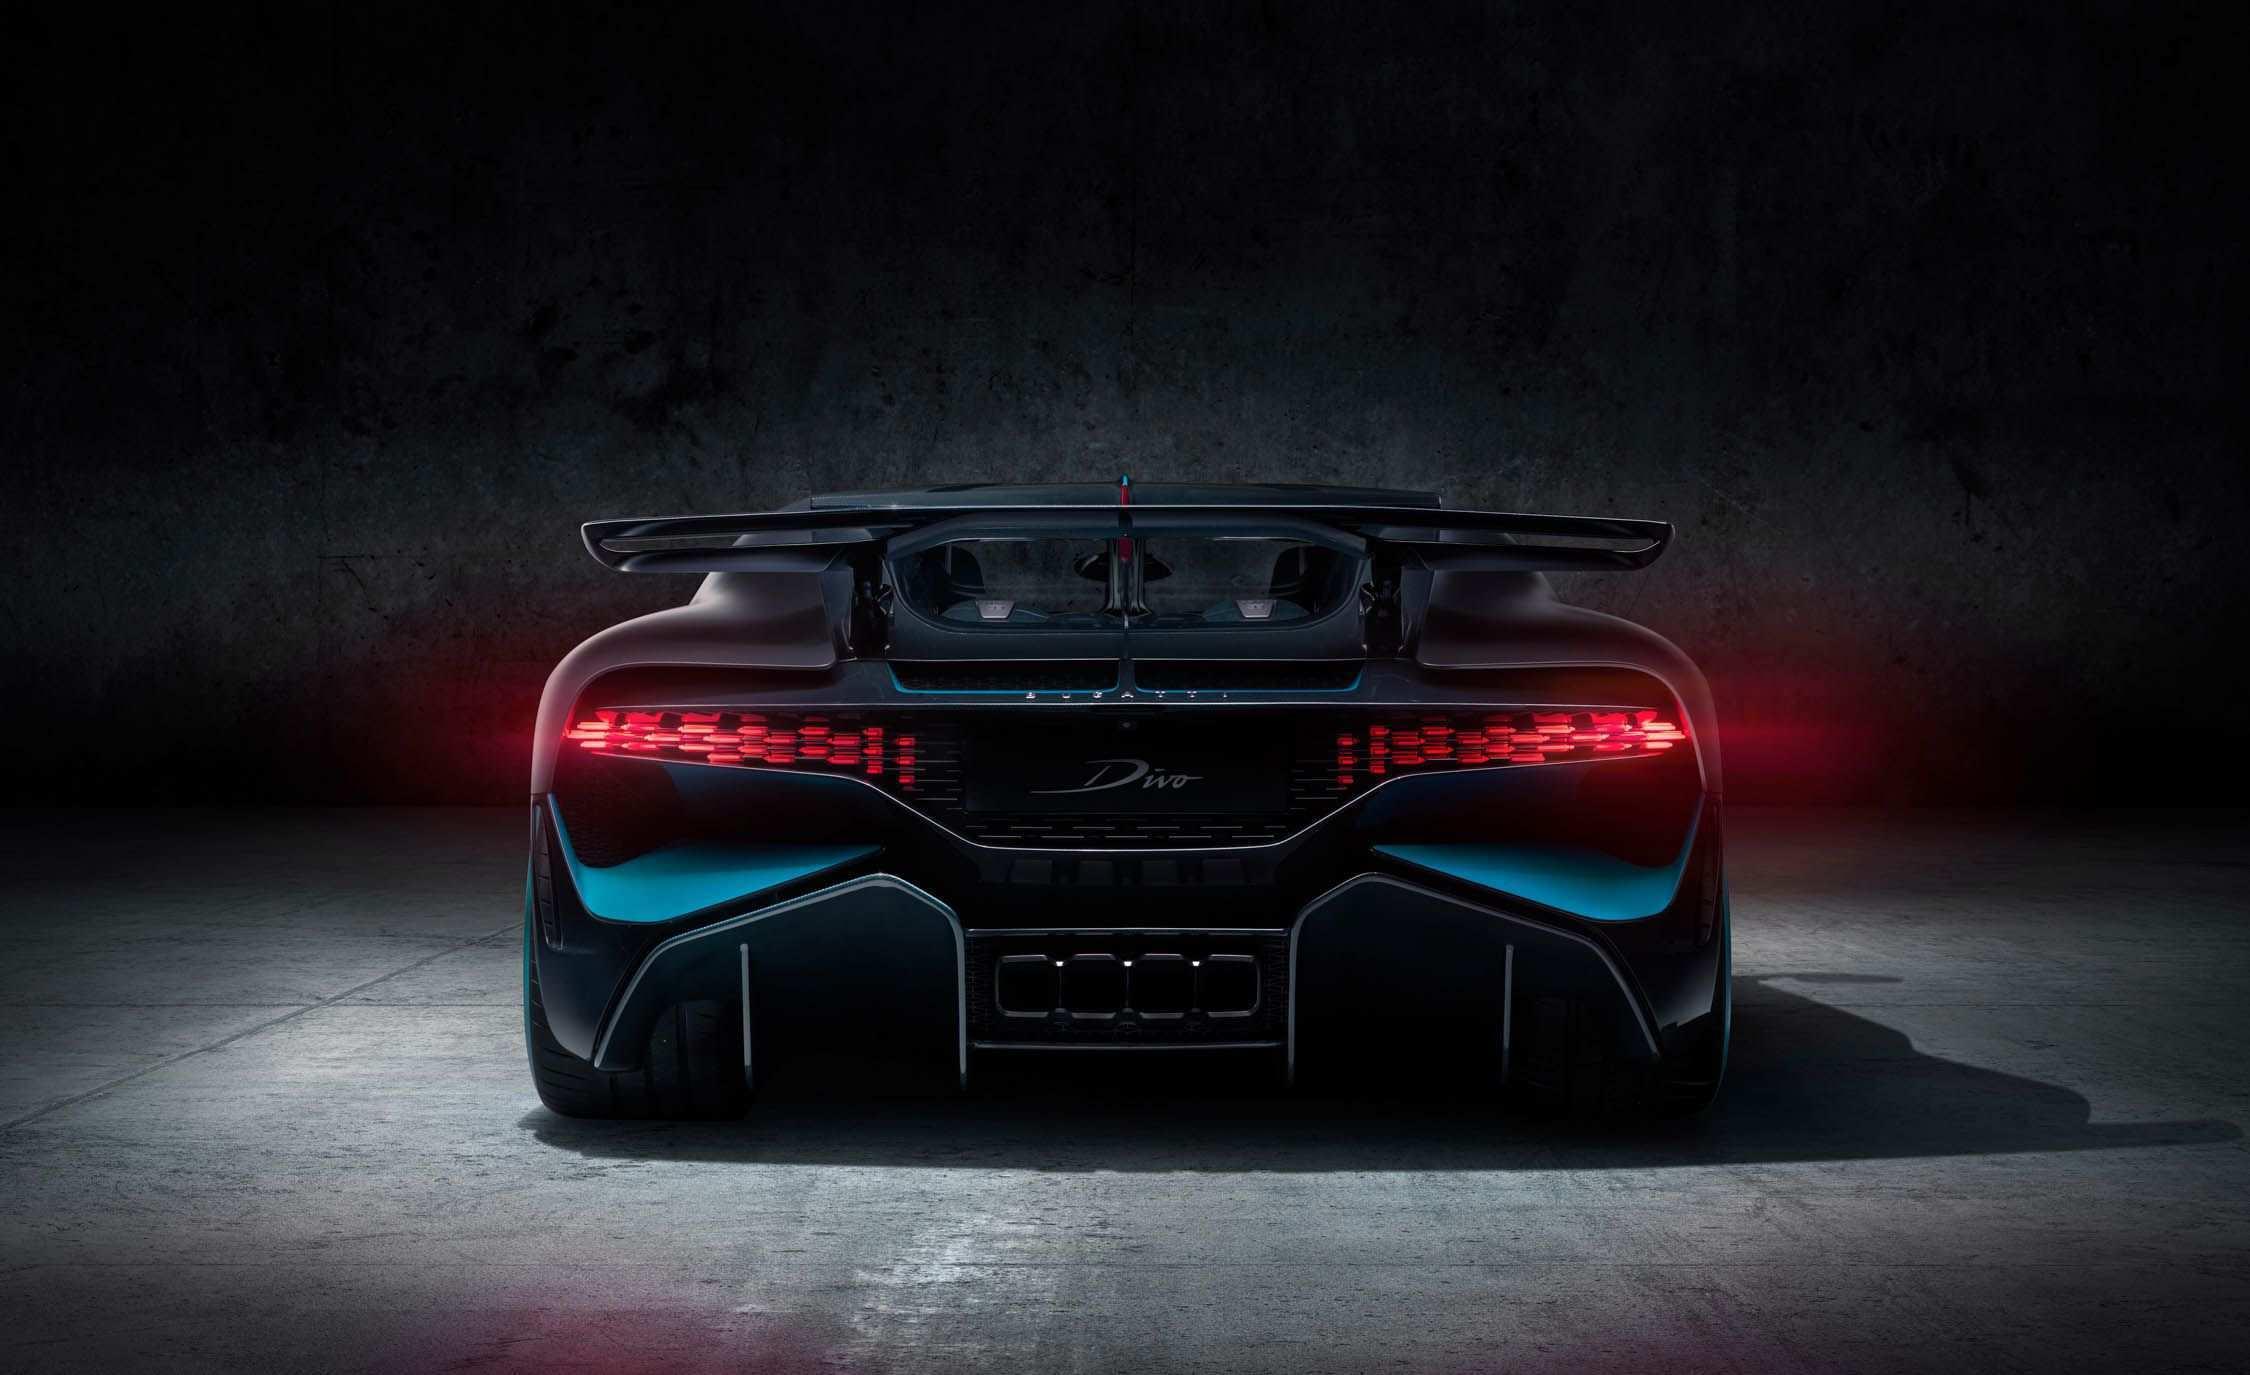 87 Concept of Bugatti 2020 Model Photos for Bugatti 2020 Model